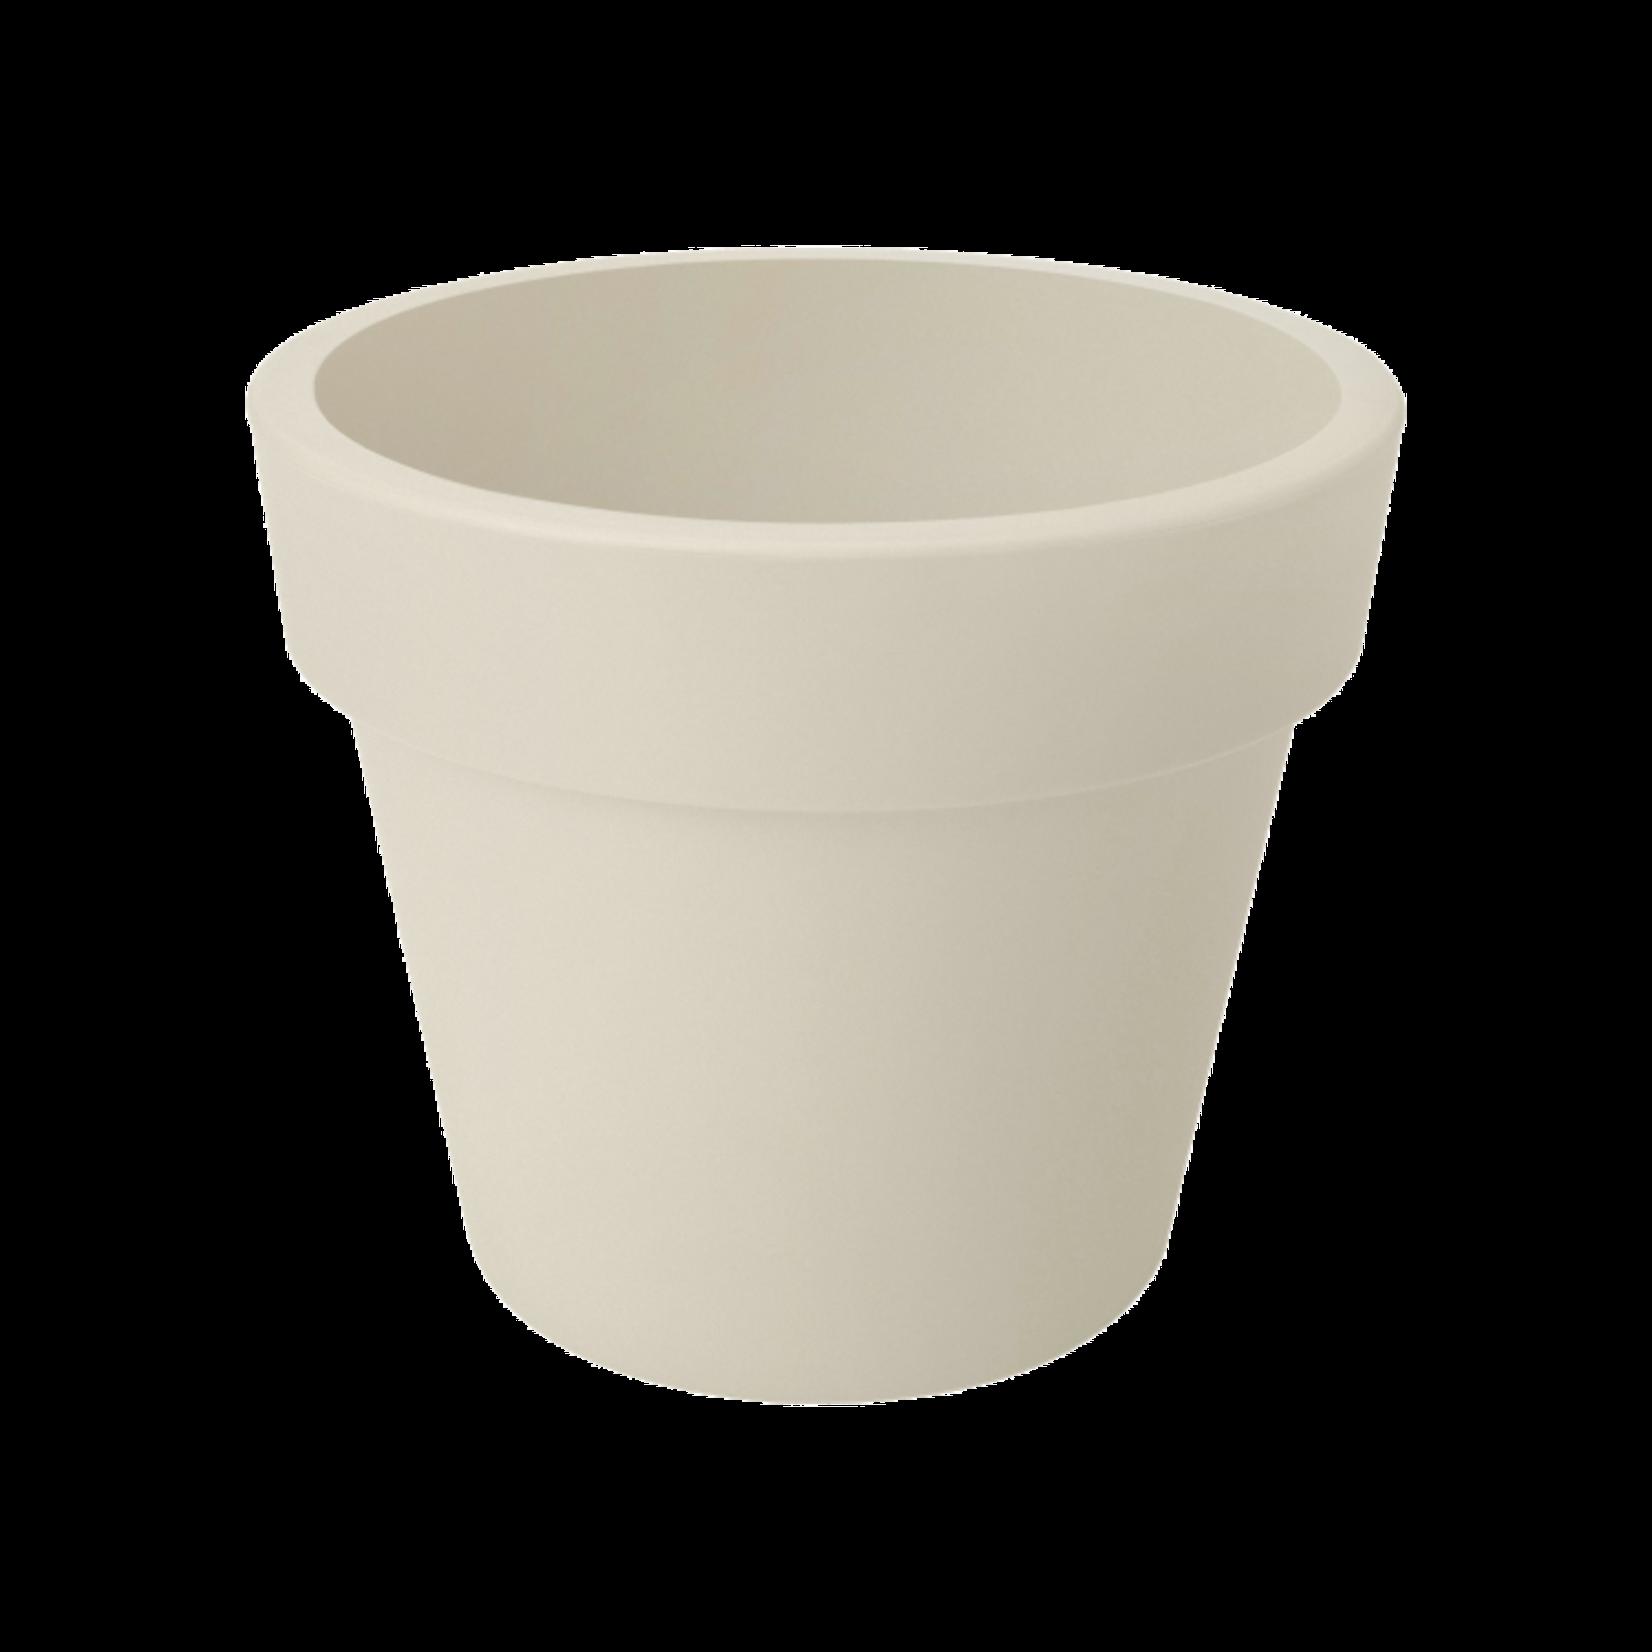 Elho Elho Top Planter 30Cm Cotton White